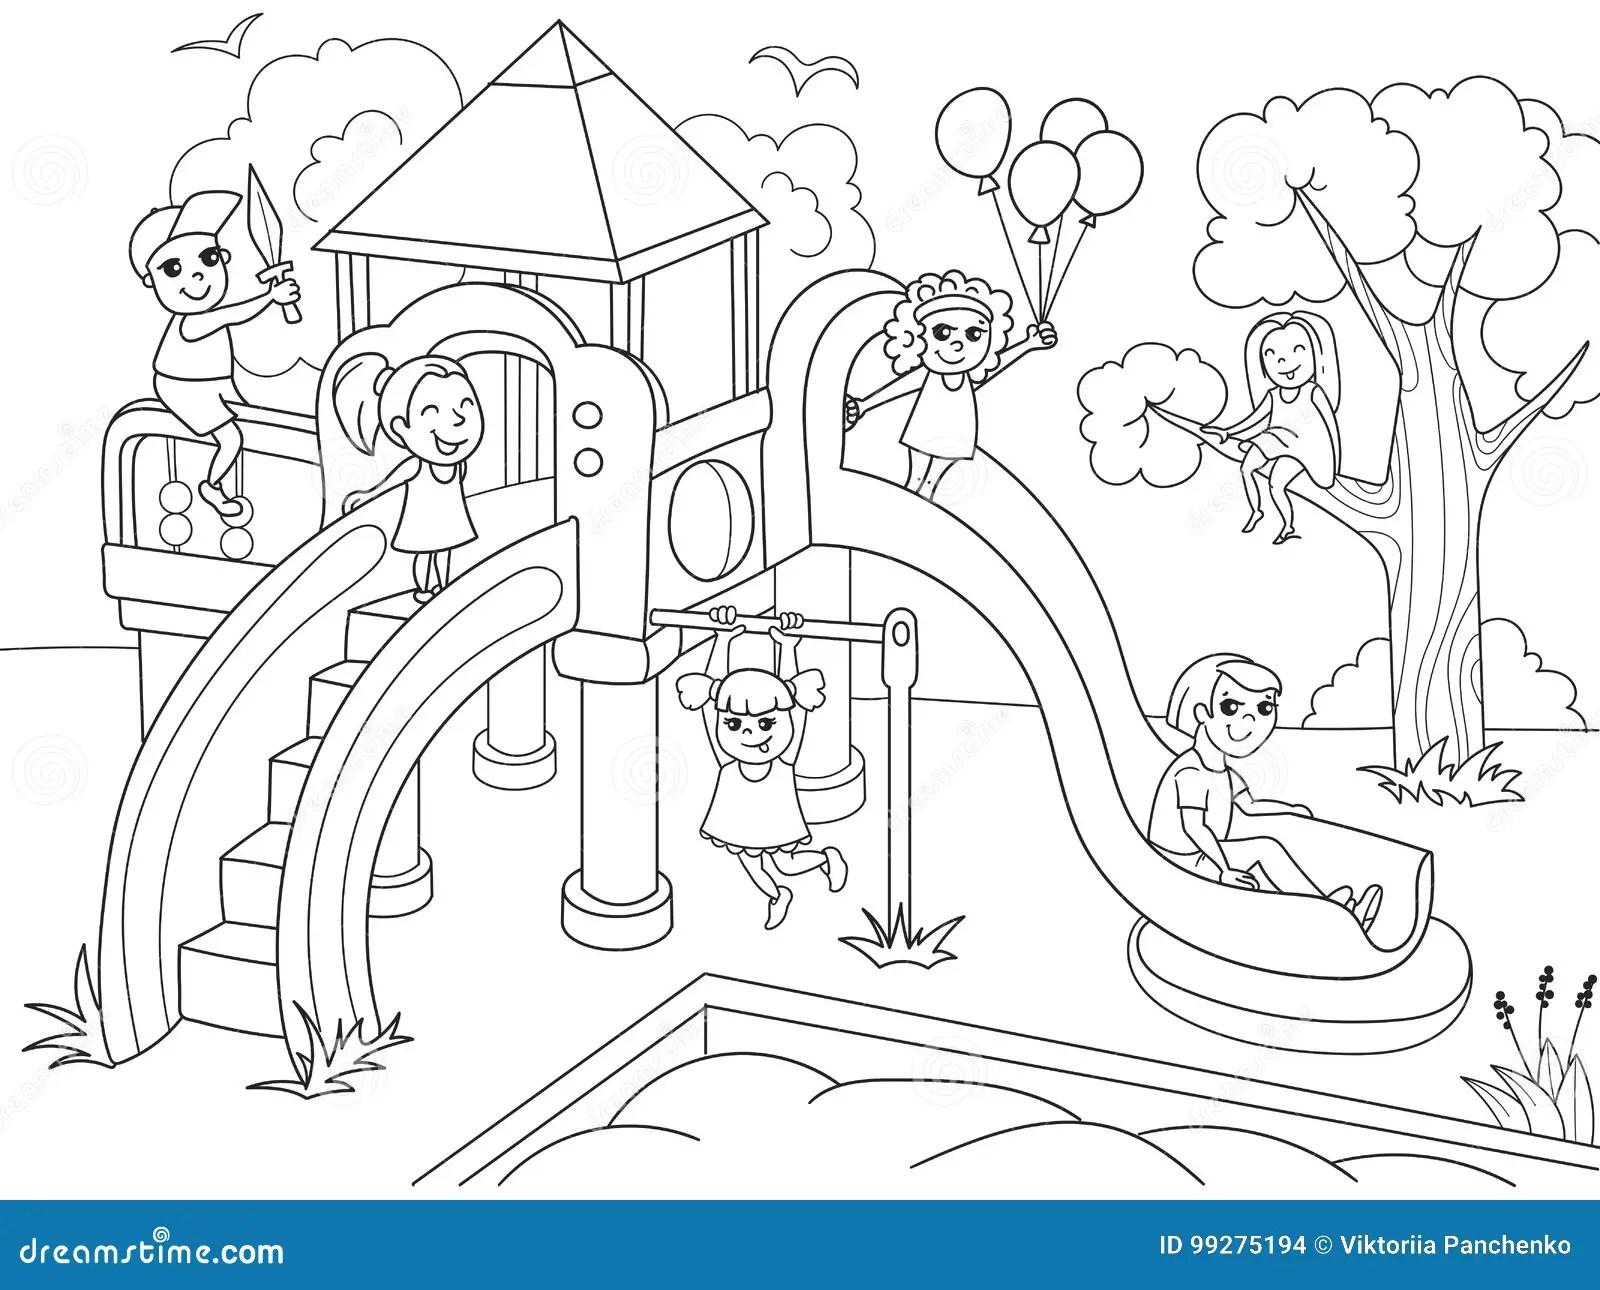 儿童的游乐场着色 传染媒介例证黑白 向量例证. 插画 包括有 钉书匠, 子项, 灌木, 幼稚园, 艺术, 投反对票